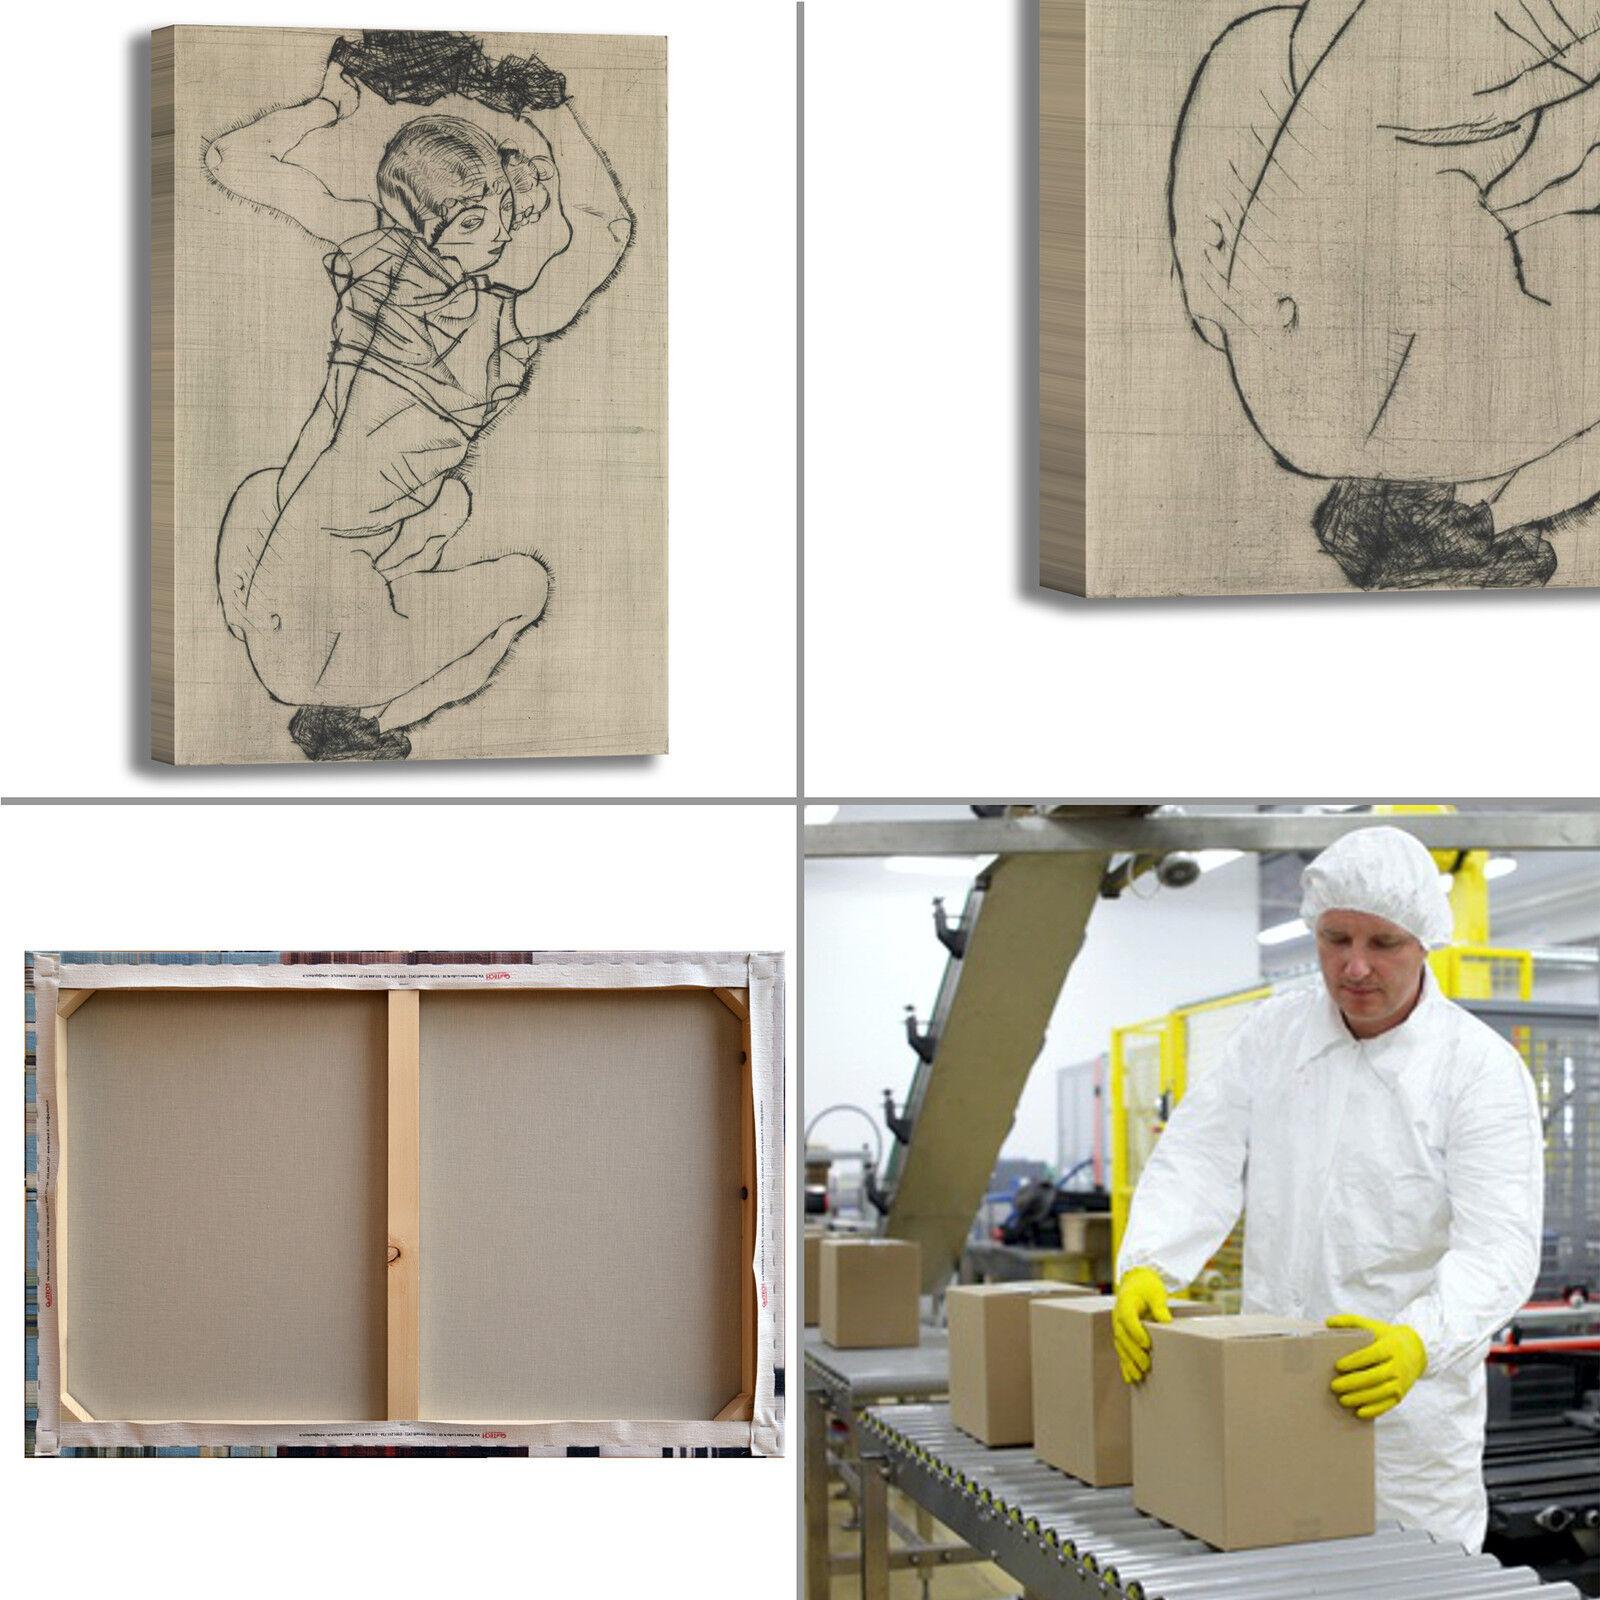 Schiele  a a a accovacciata design quadro stampa tela dipinto telaio arRouge o casa 28081b